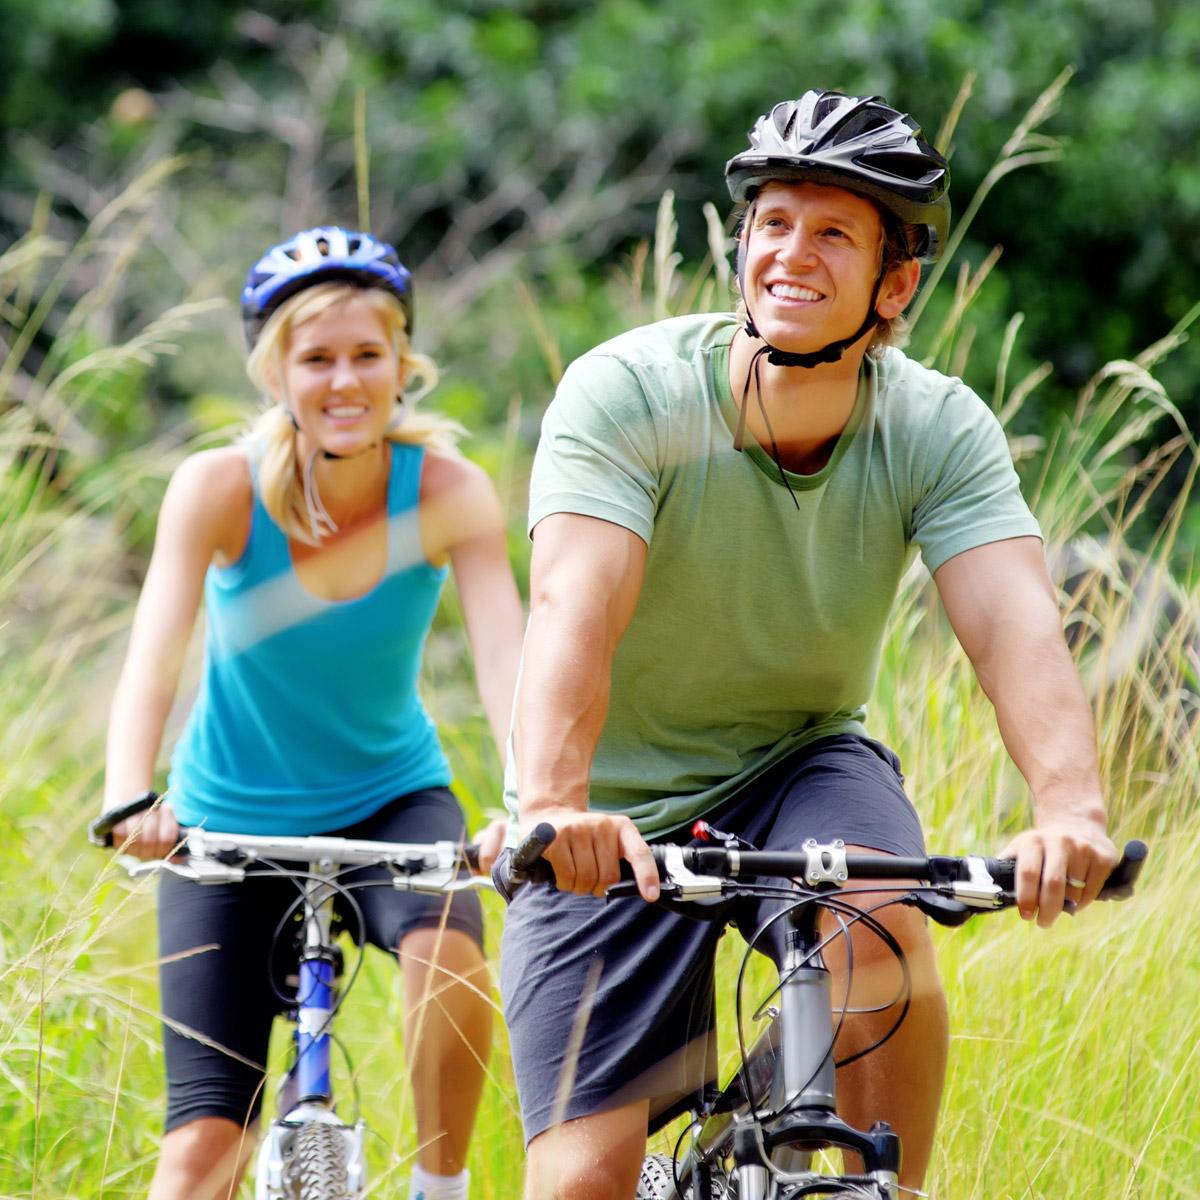 Nádherné ubytování můžete spojit s wellness, ale i s pobytem v přírodě – třeba na kole. Slevomat nabízí zvýhodněné pobyty pro dva.